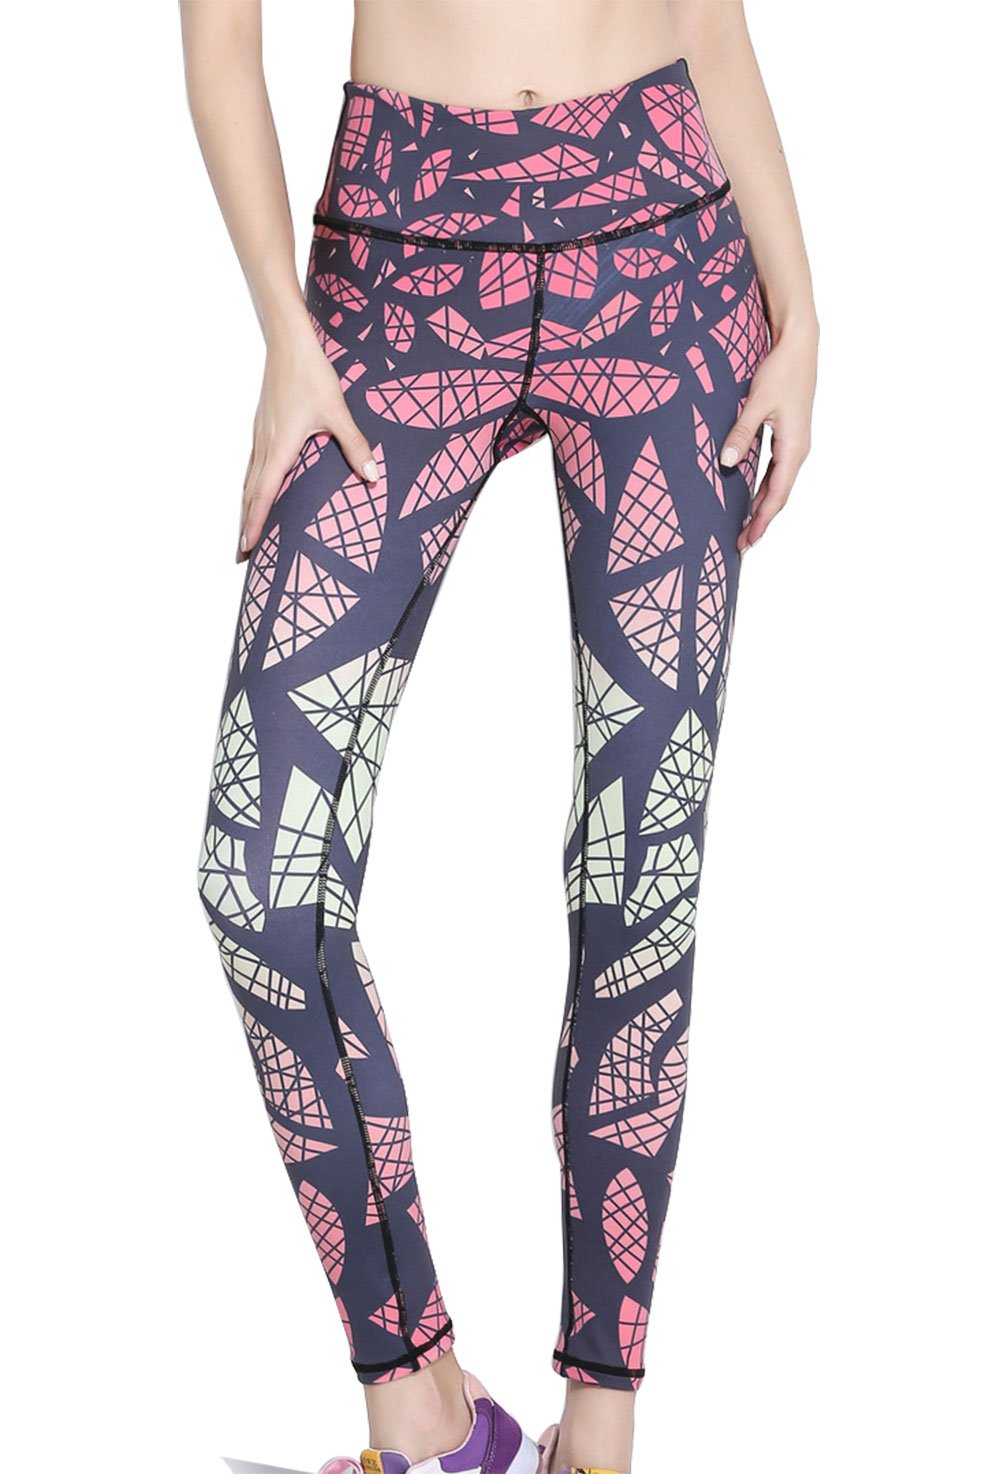 FEOYA Women's Printed Fashion Leggings Gym Leggings High Waist Printed Pants Palazzo